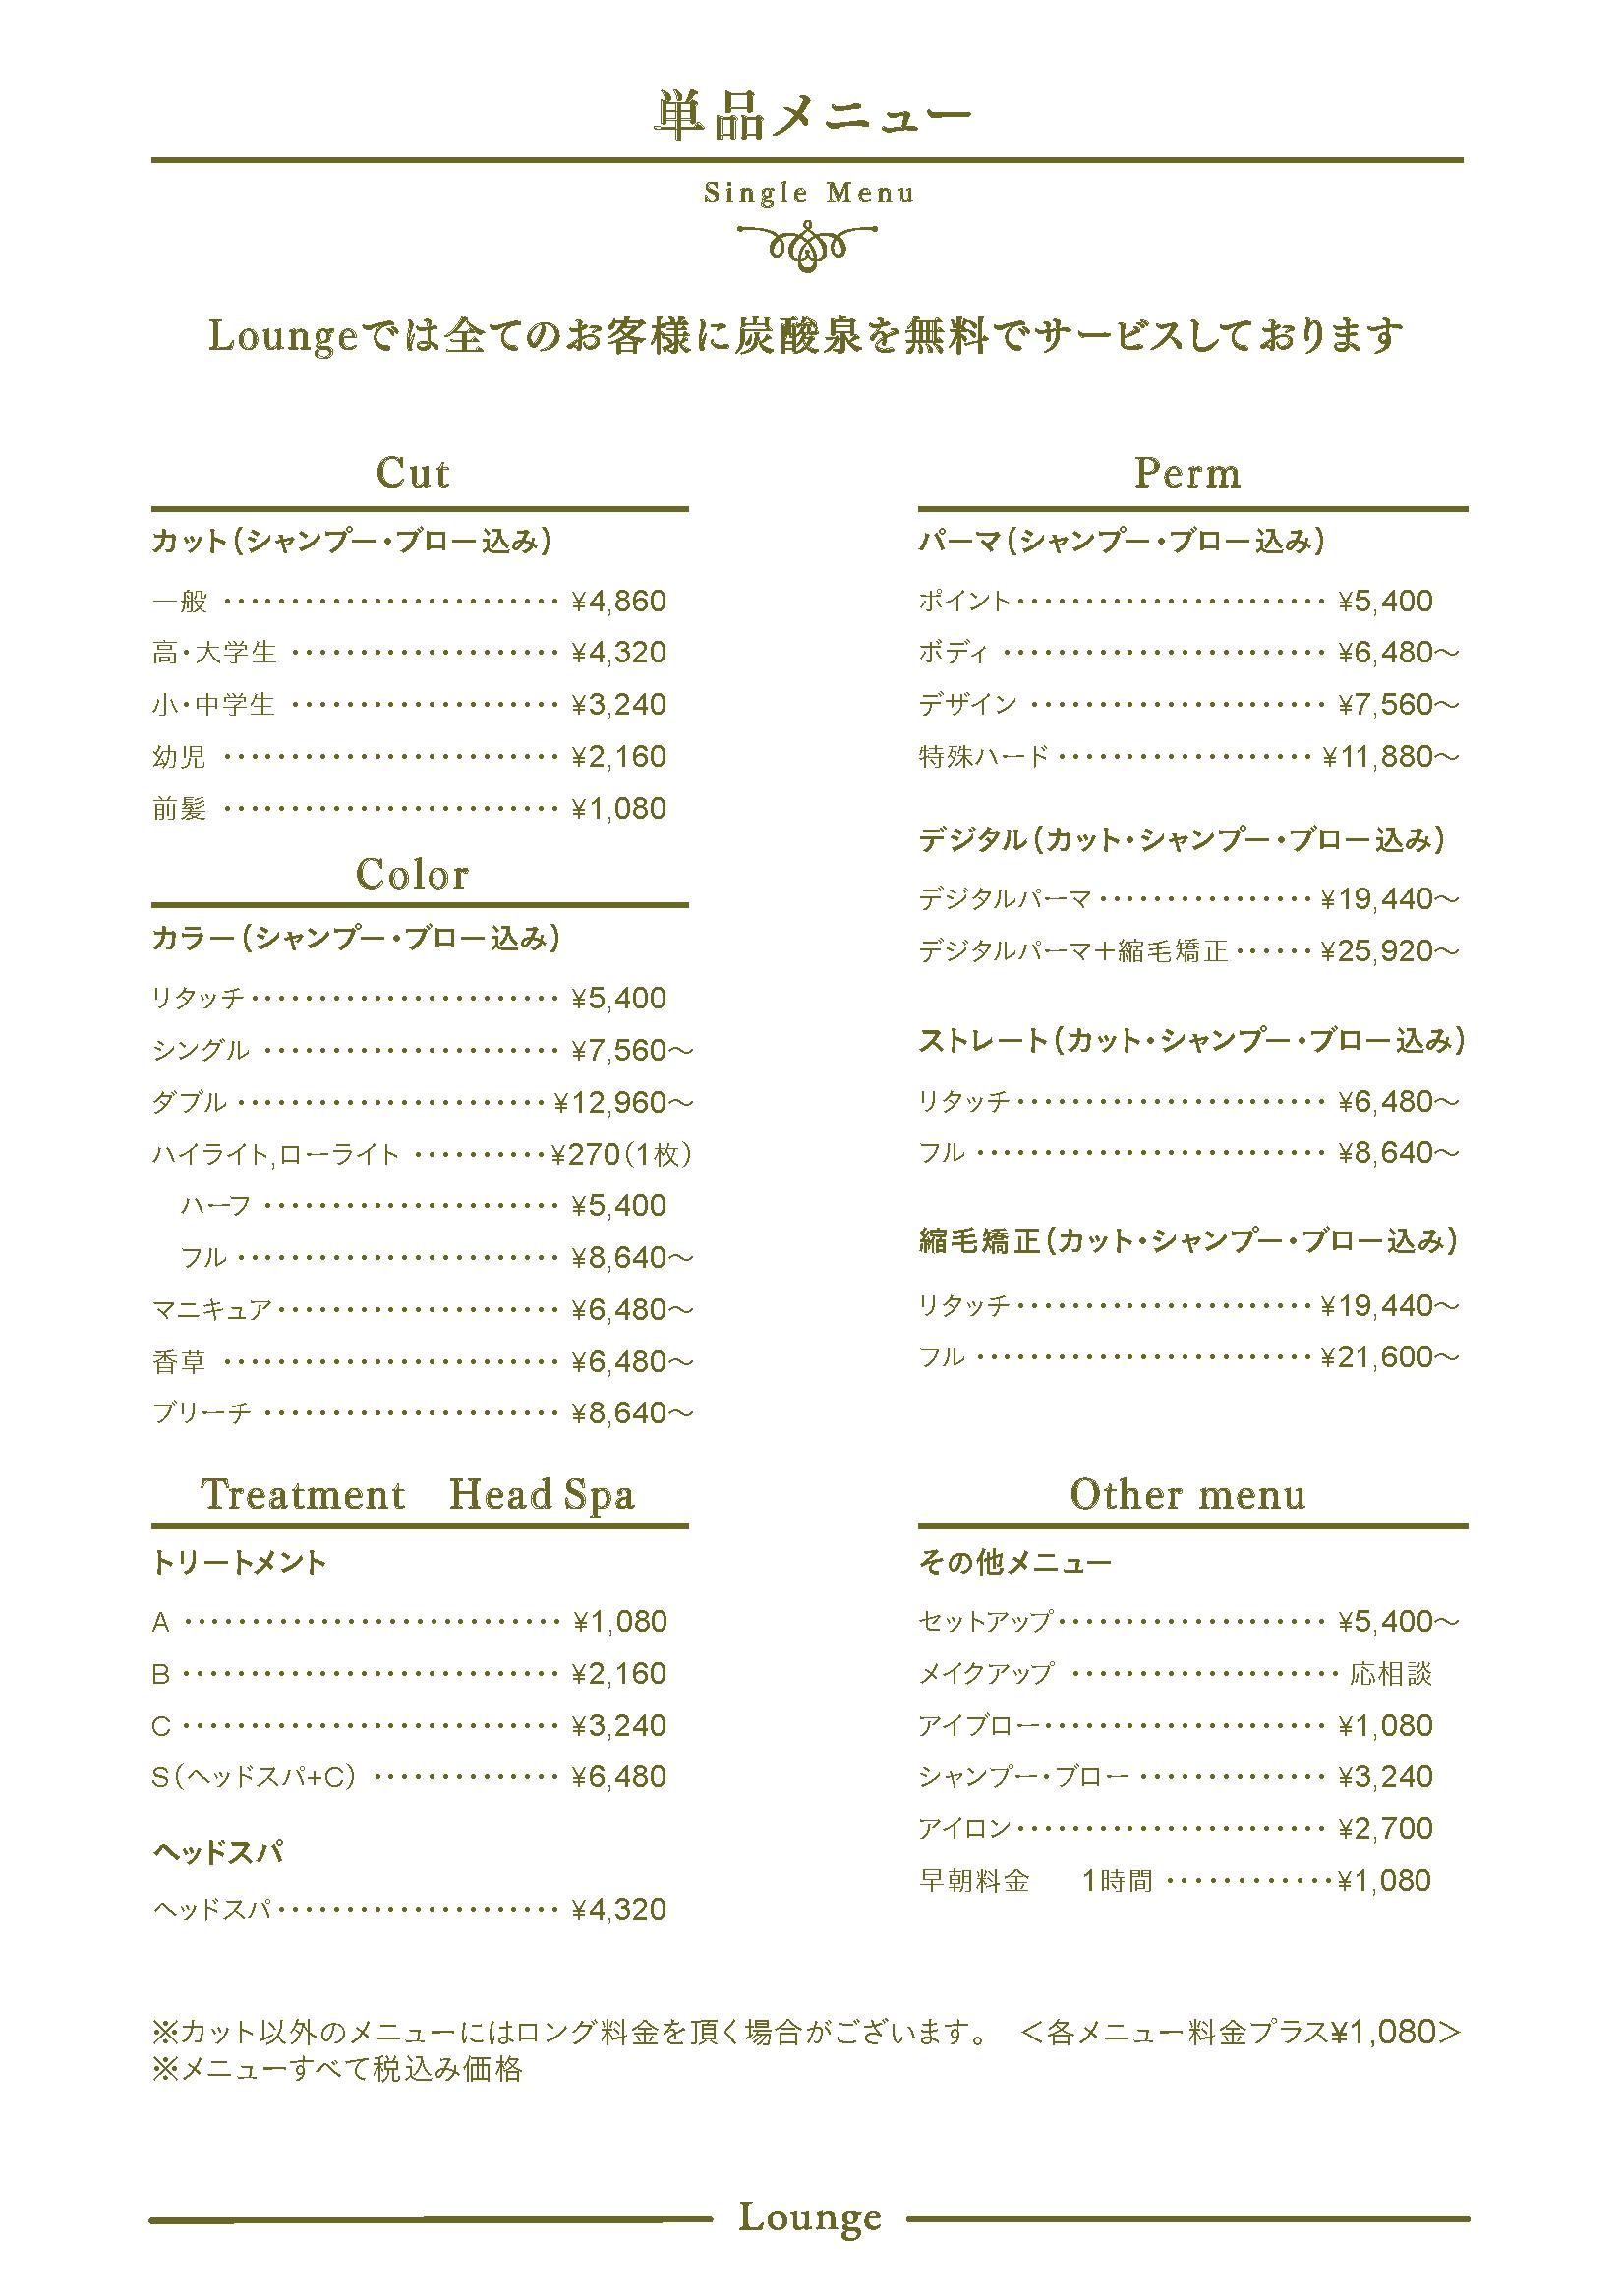 Lounge ラウンジ価格表